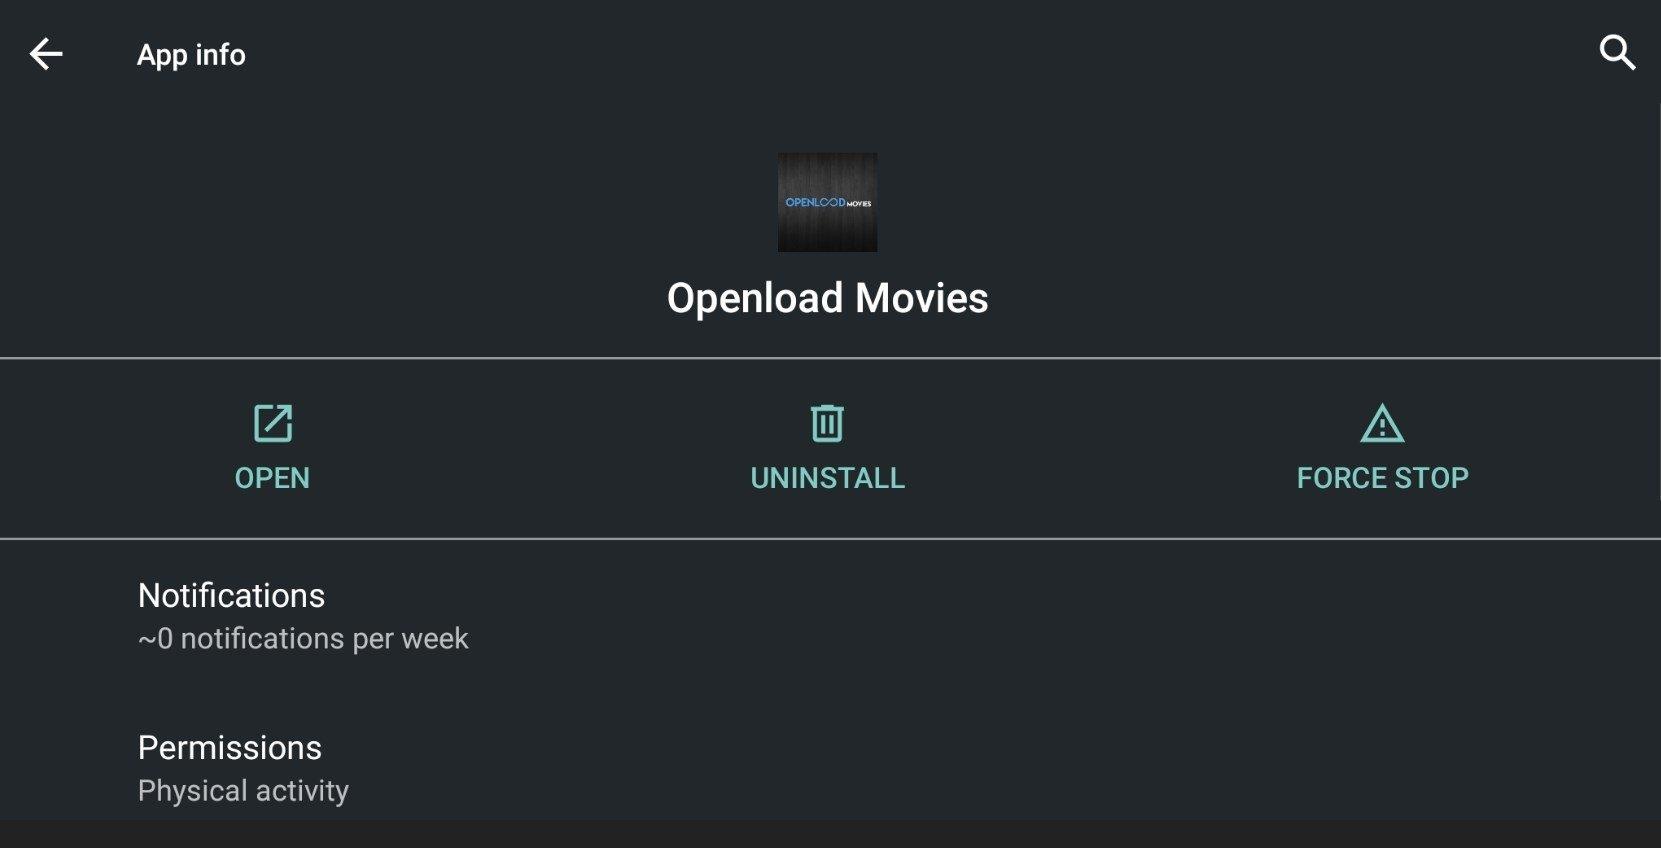 Openload Series